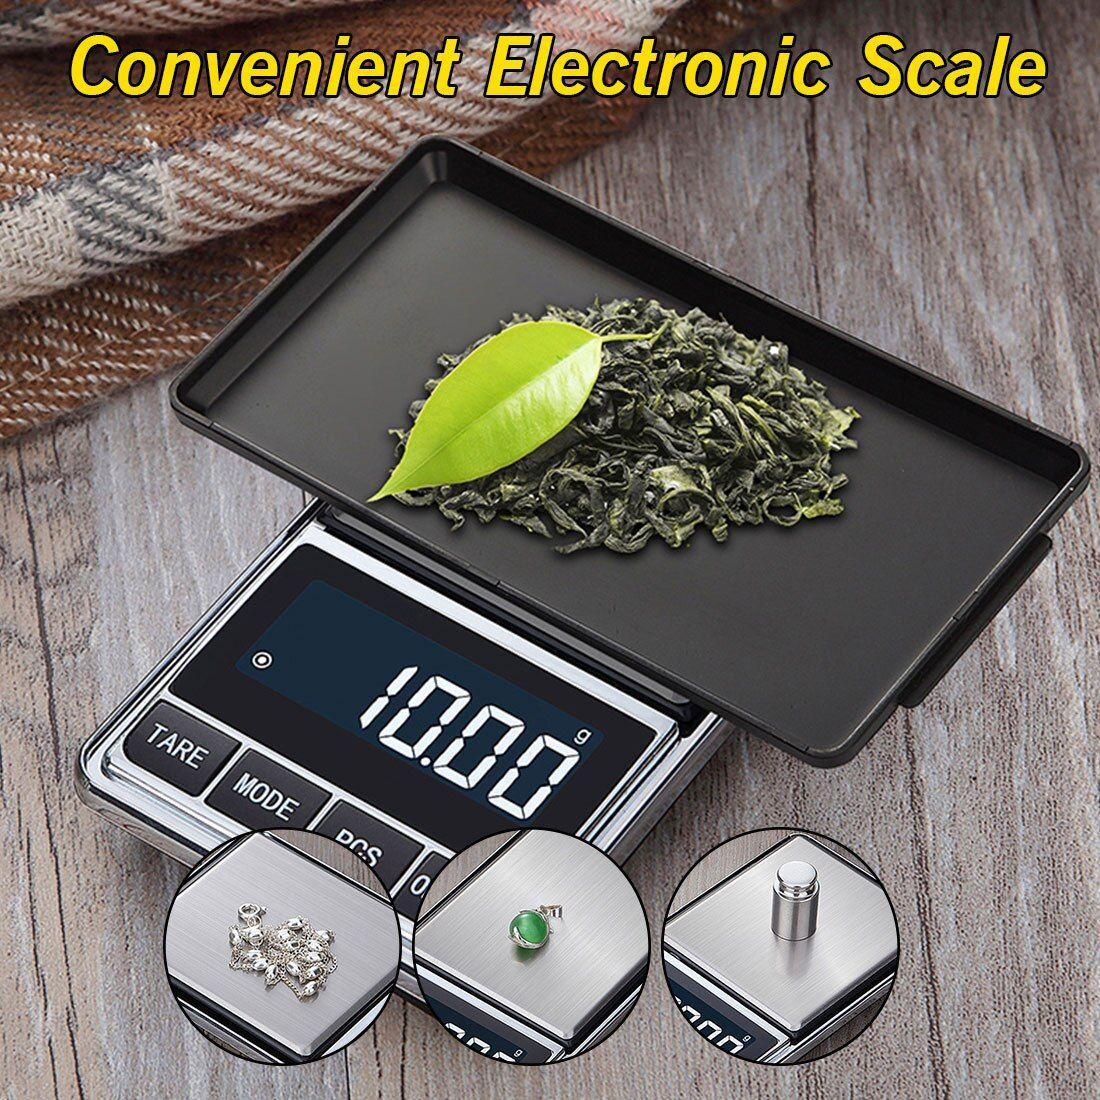 500g/100g x 0.01g Electronic Jewelry Scale Digital Pocket